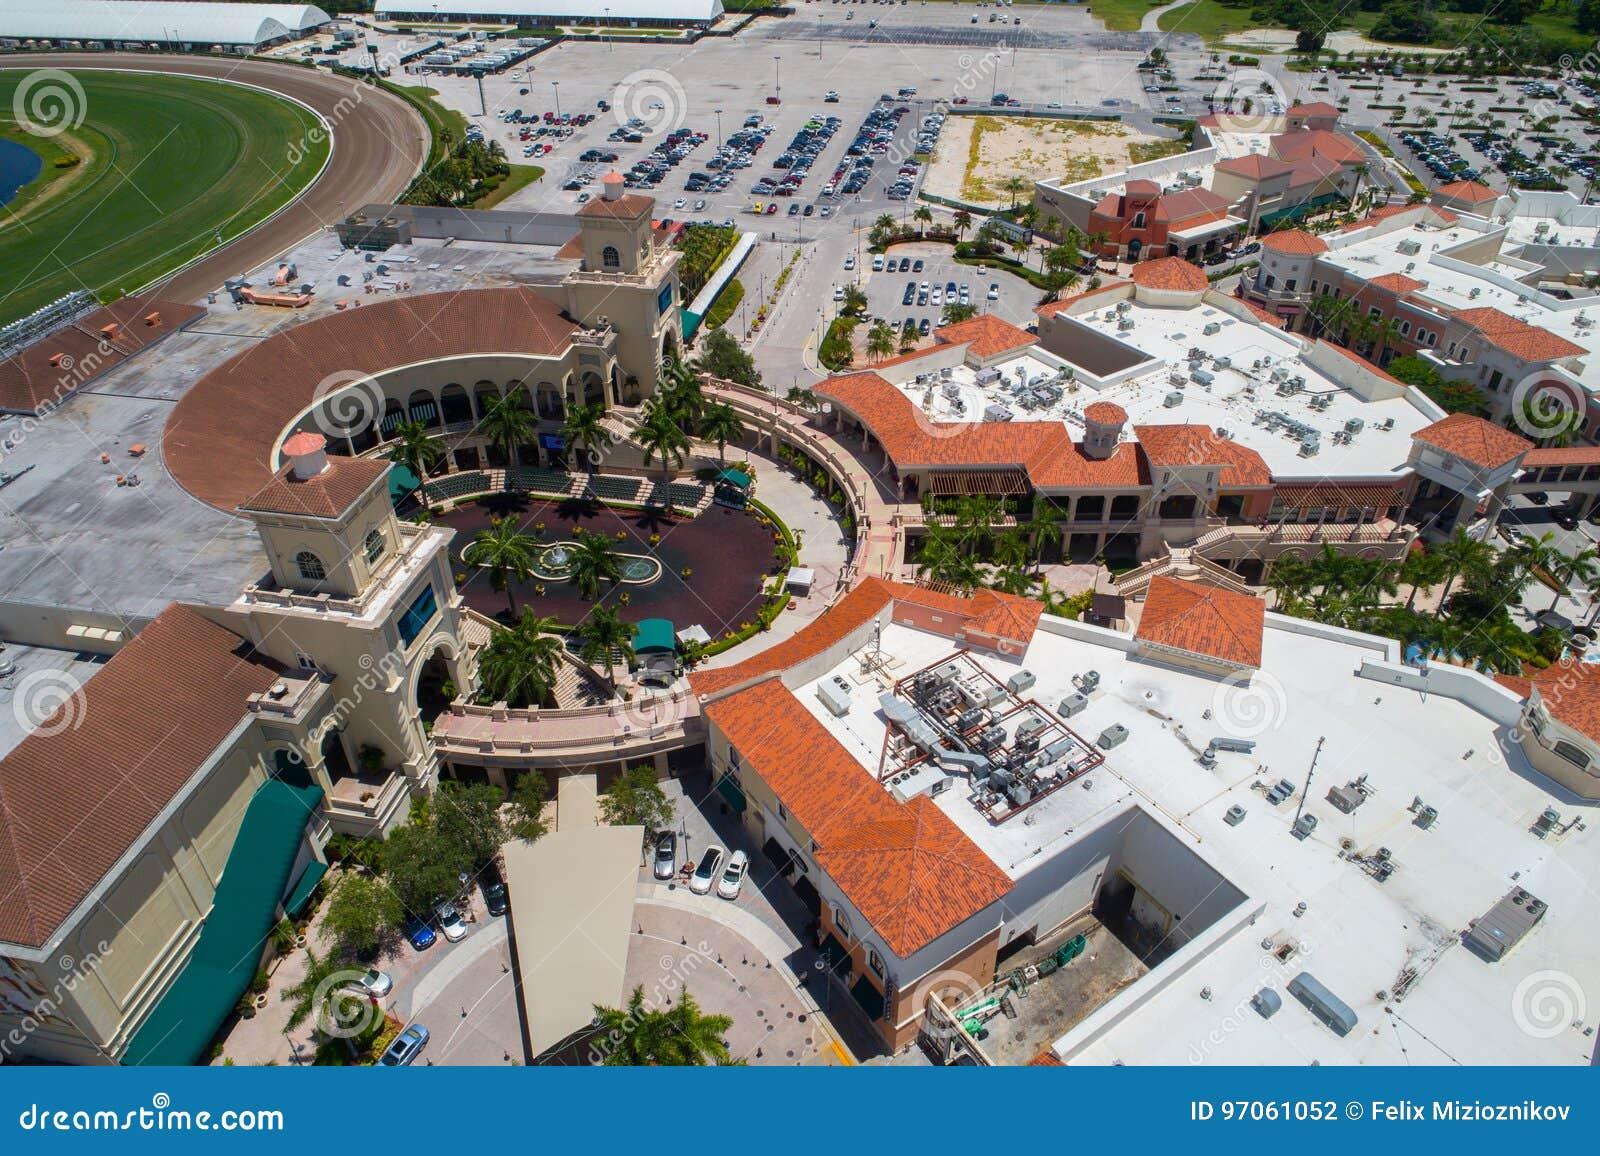 gulfstream racing and casino